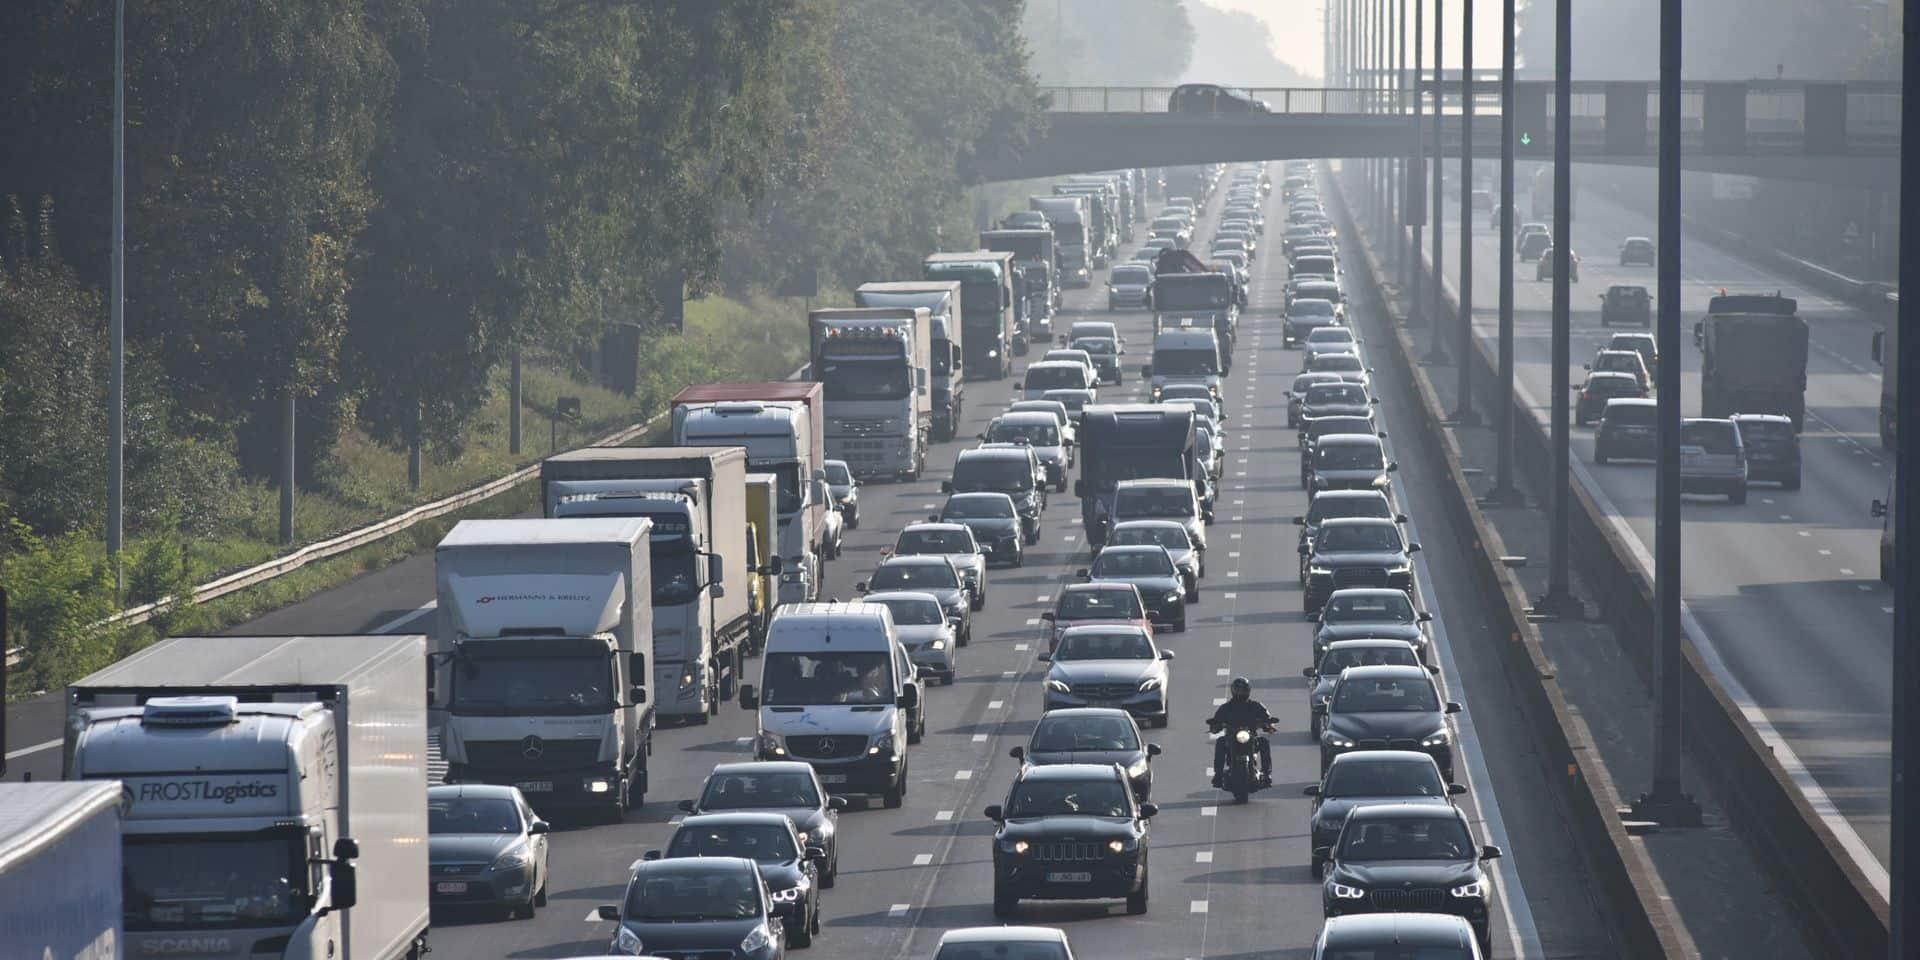 """Une proposition de loi pour une vitesse minimum de 80 km/h sur l'autoroute: """"c'est beaucoup mieux pour la sécurité routière"""""""